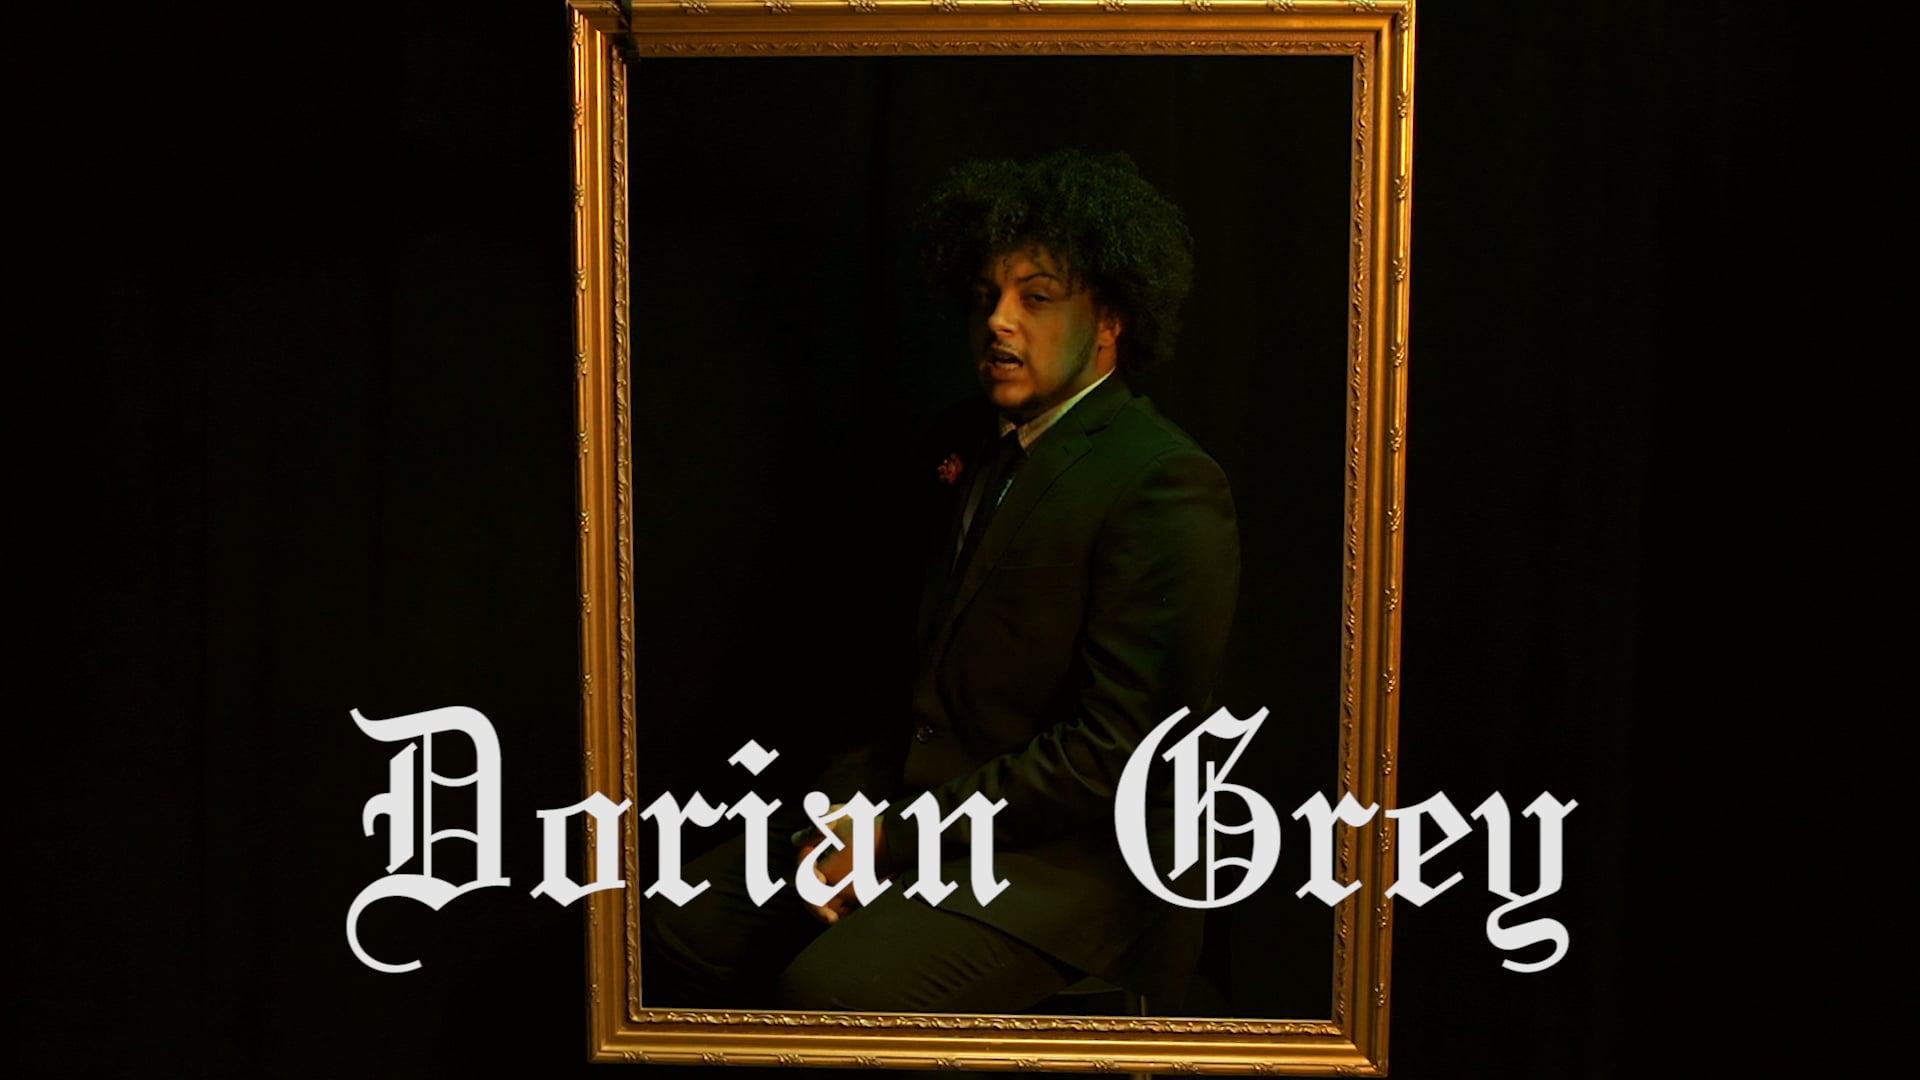 Damiano The Don ft. K.Lyn - Dorian Grey